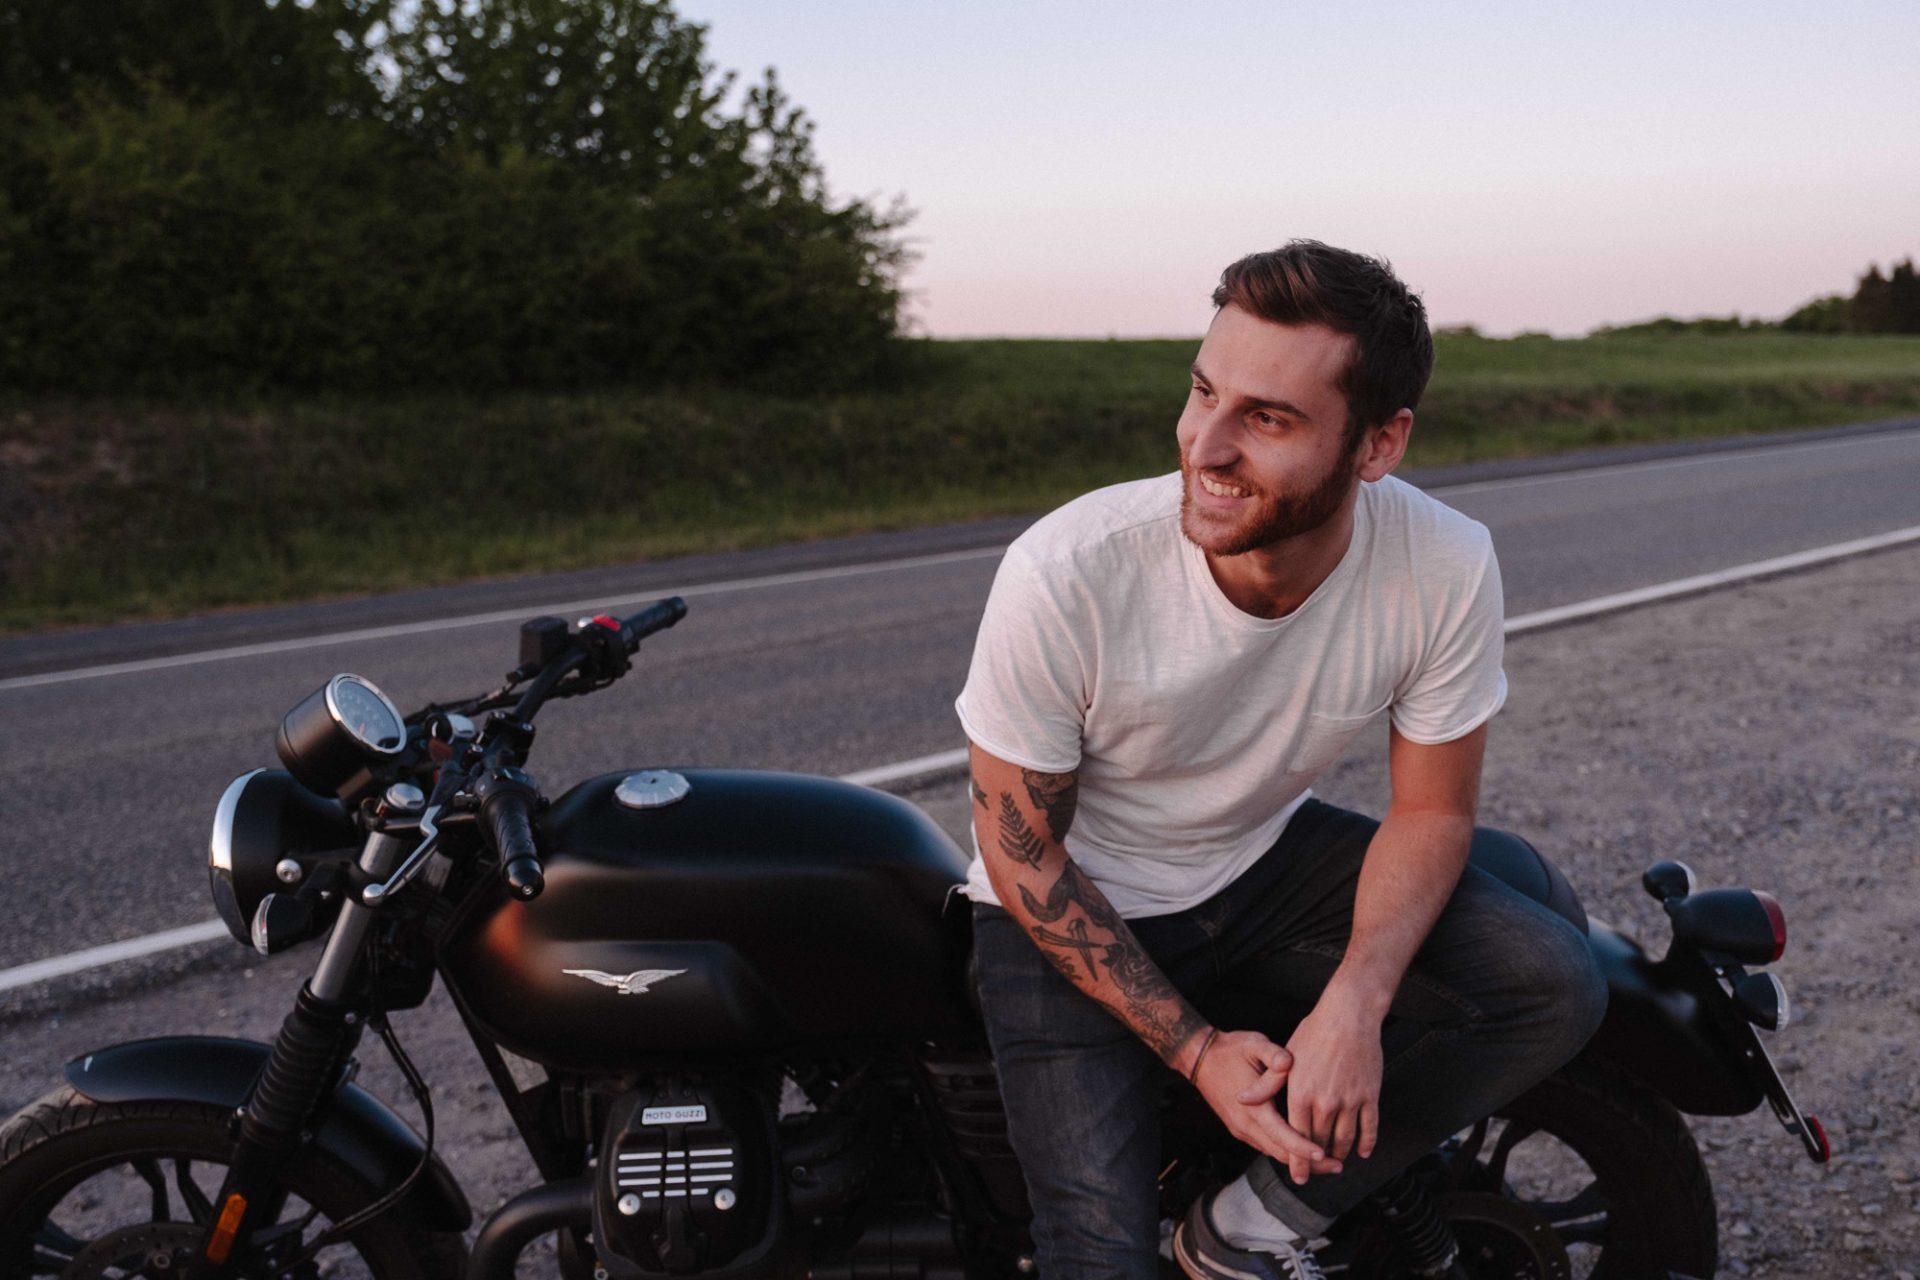 Automotive Fotograf für Motorräder ©Offenblende / Michael MICH